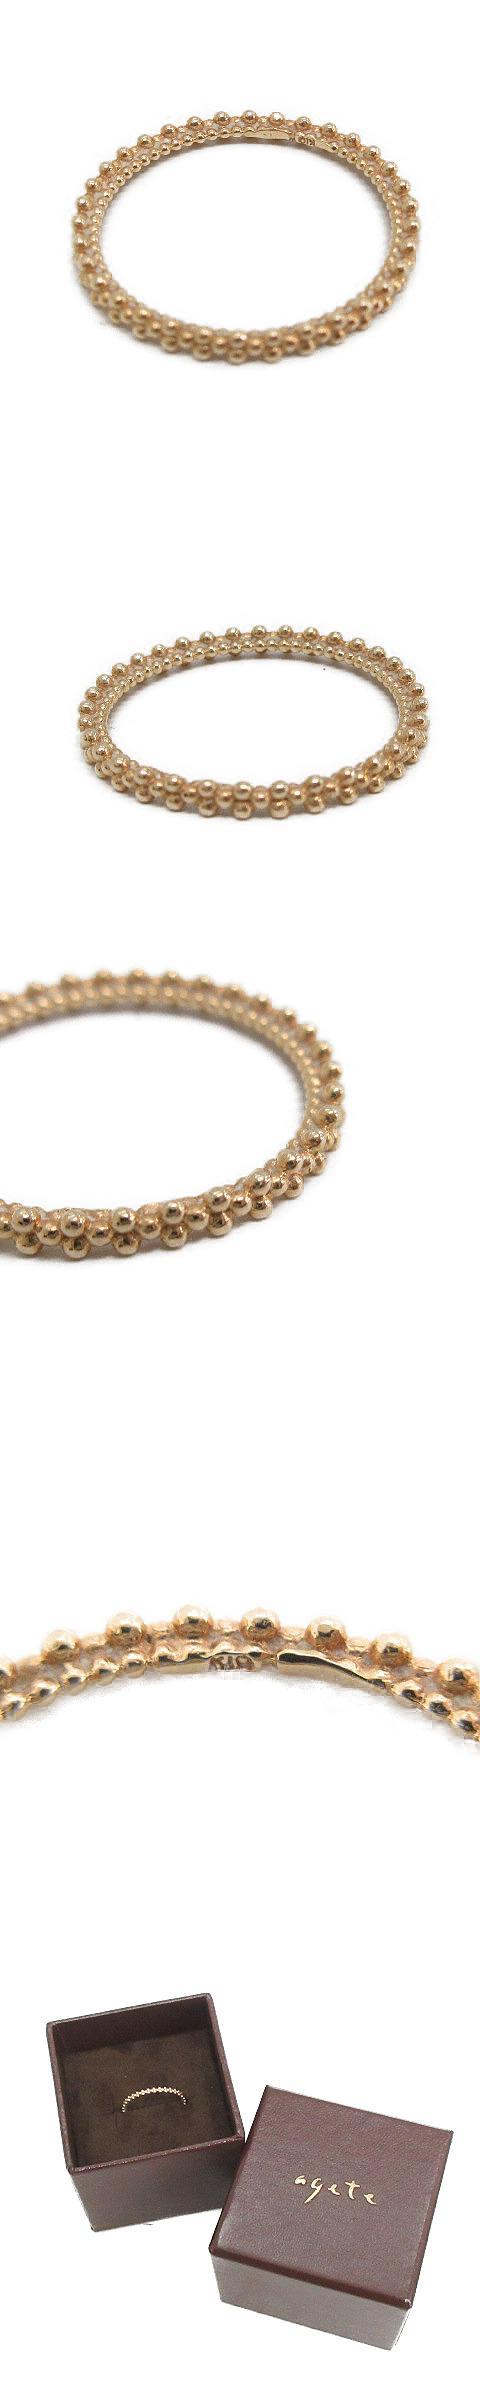 バブルリング 指輪 K10 11号 ゴールド色 /OG25